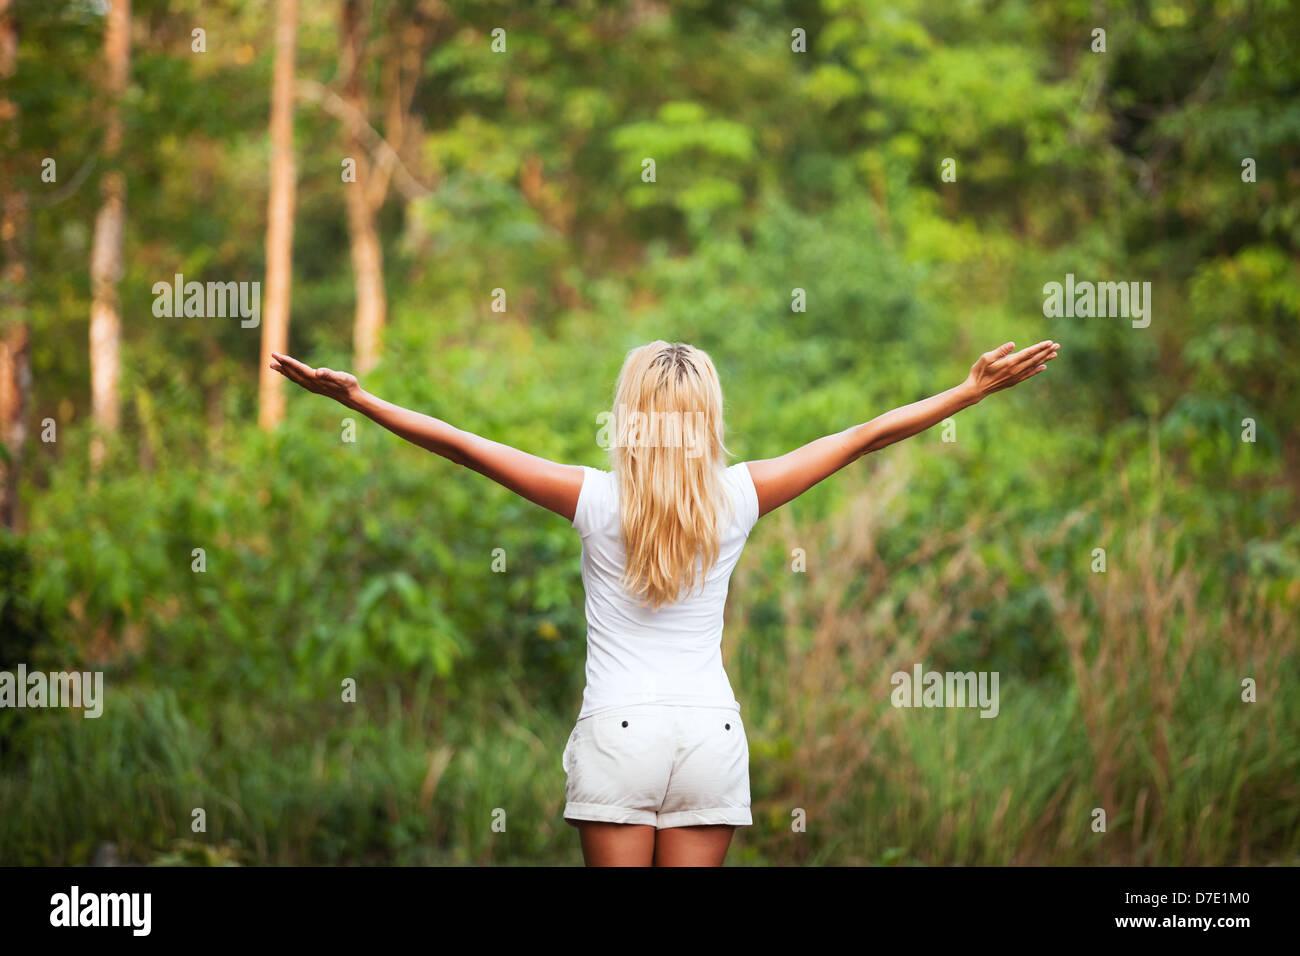 Armonía con la naturaleza, la espalda mujer con manos levantadas en el bosque Imagen De Stock